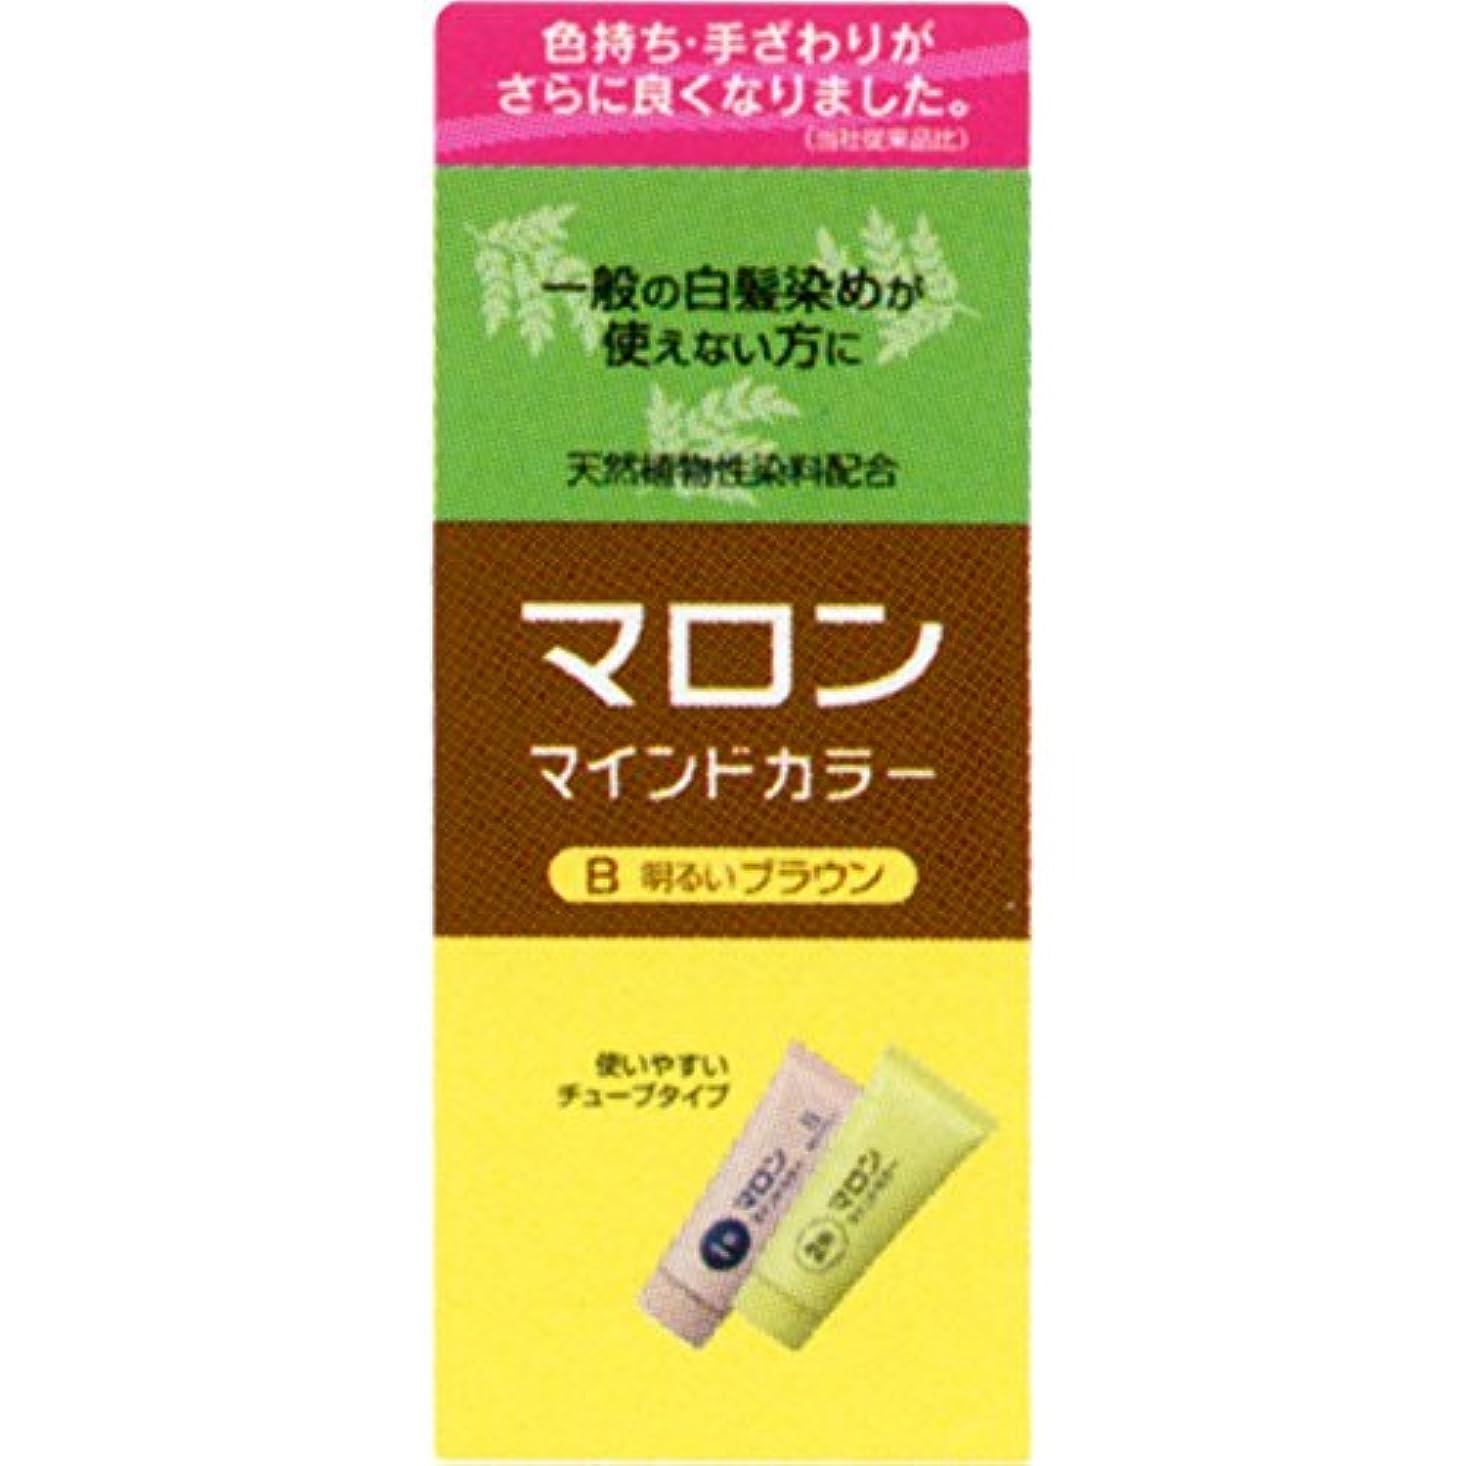 アトミック助けになる淡いヘンケルライオンコスメティックス マロン マインドカラー B 明るいブラウン 70G+70G (医薬部外品)